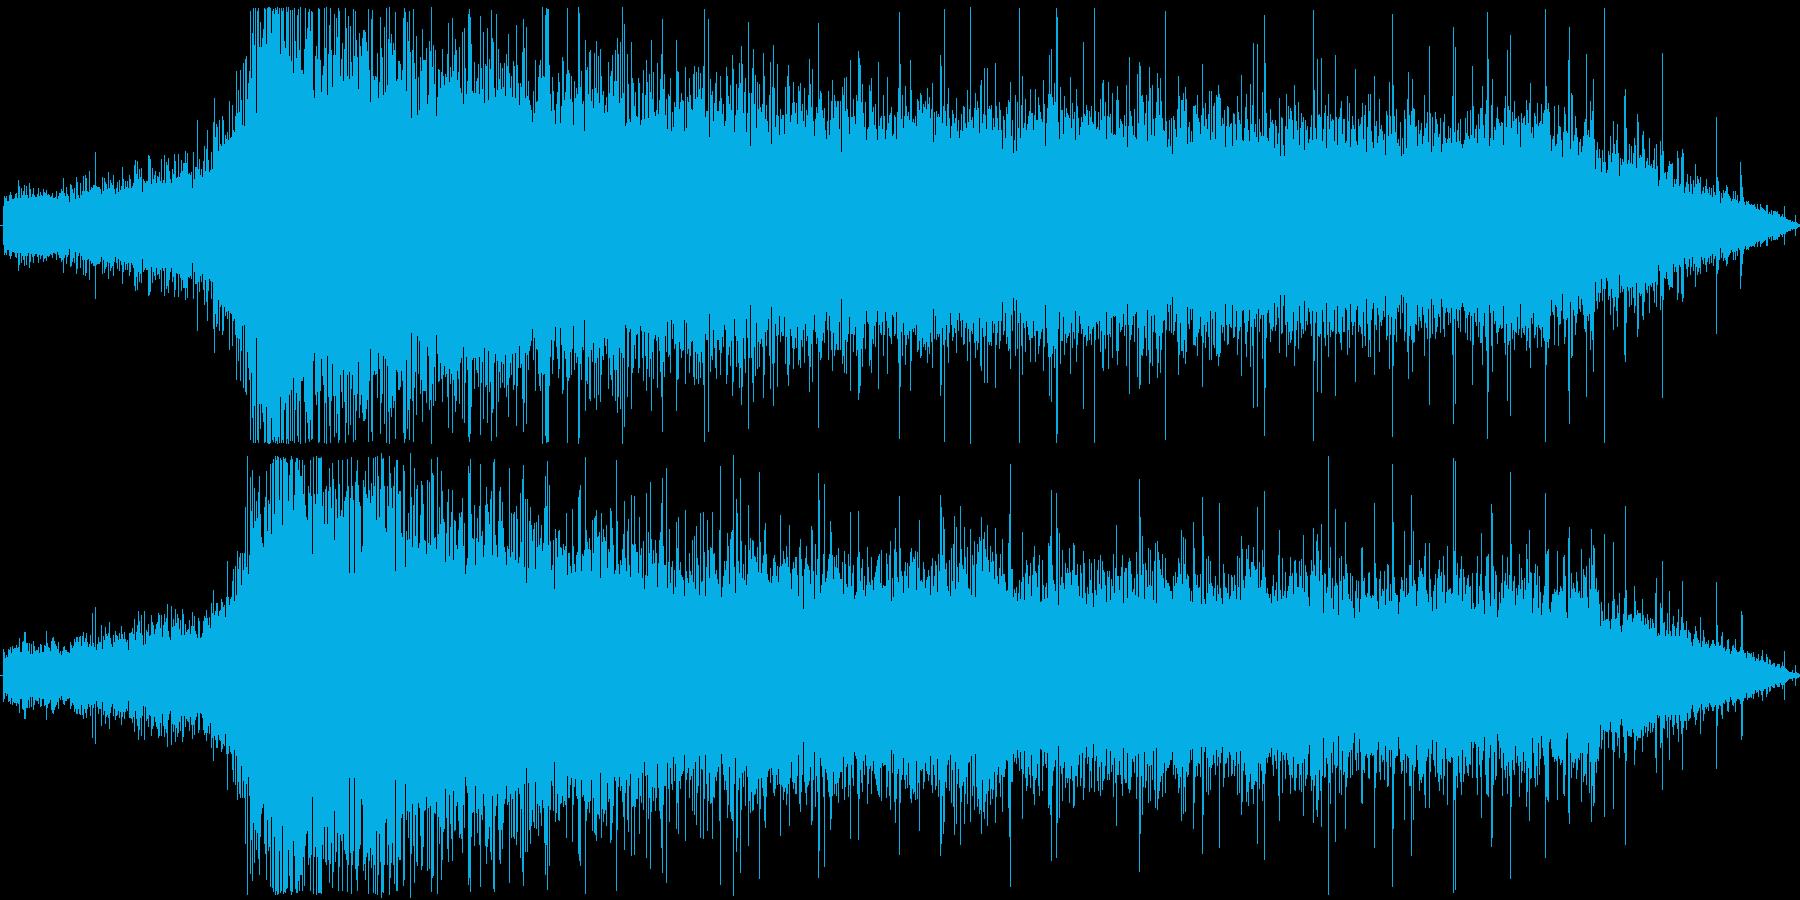 【拍手/大喝采/パチパチ/ワー】の再生済みの波形